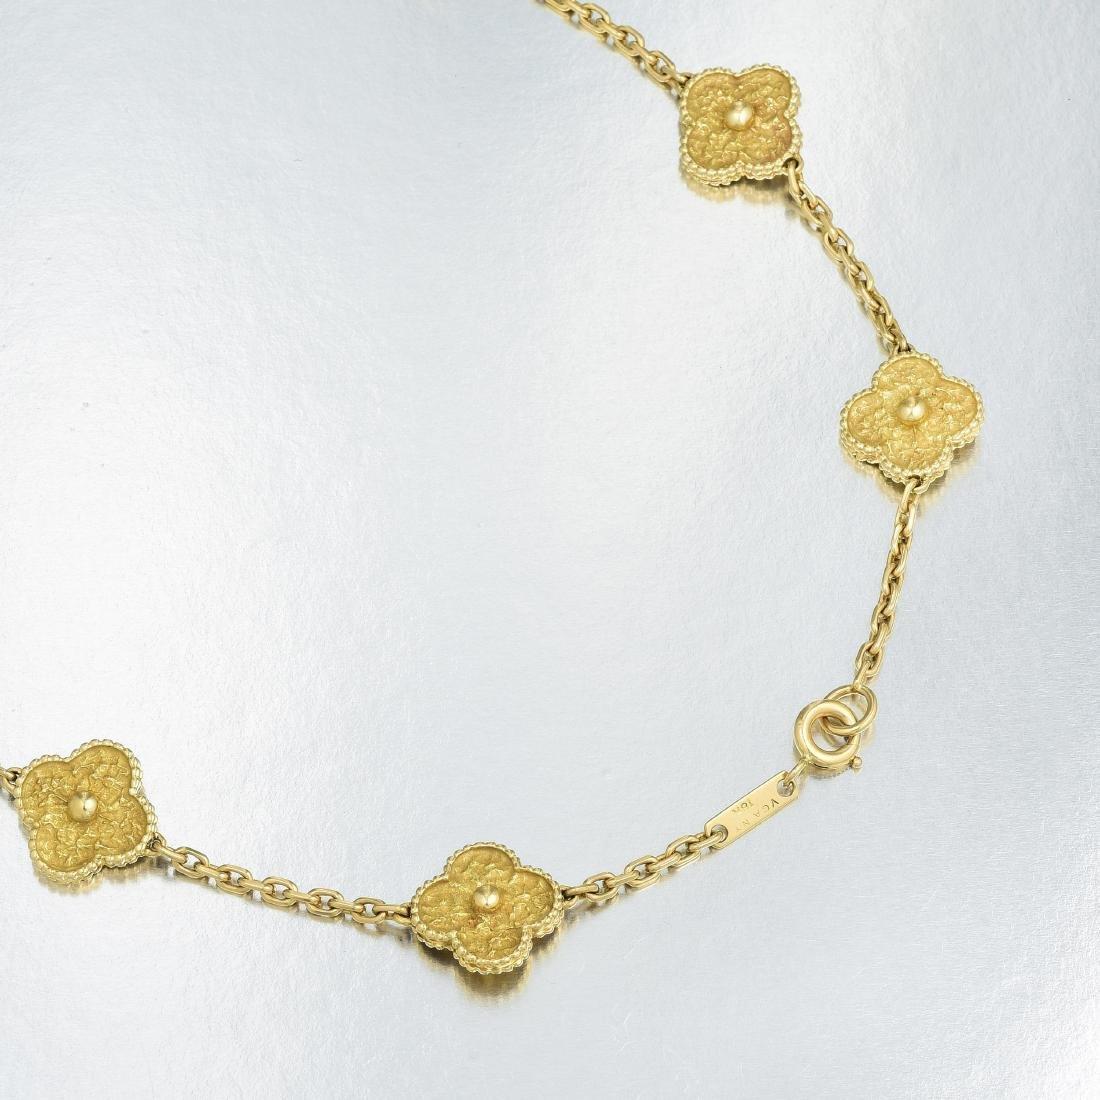 Van Cleef & Arpels Gold Vintage Alhambra Long Necklace, - 3